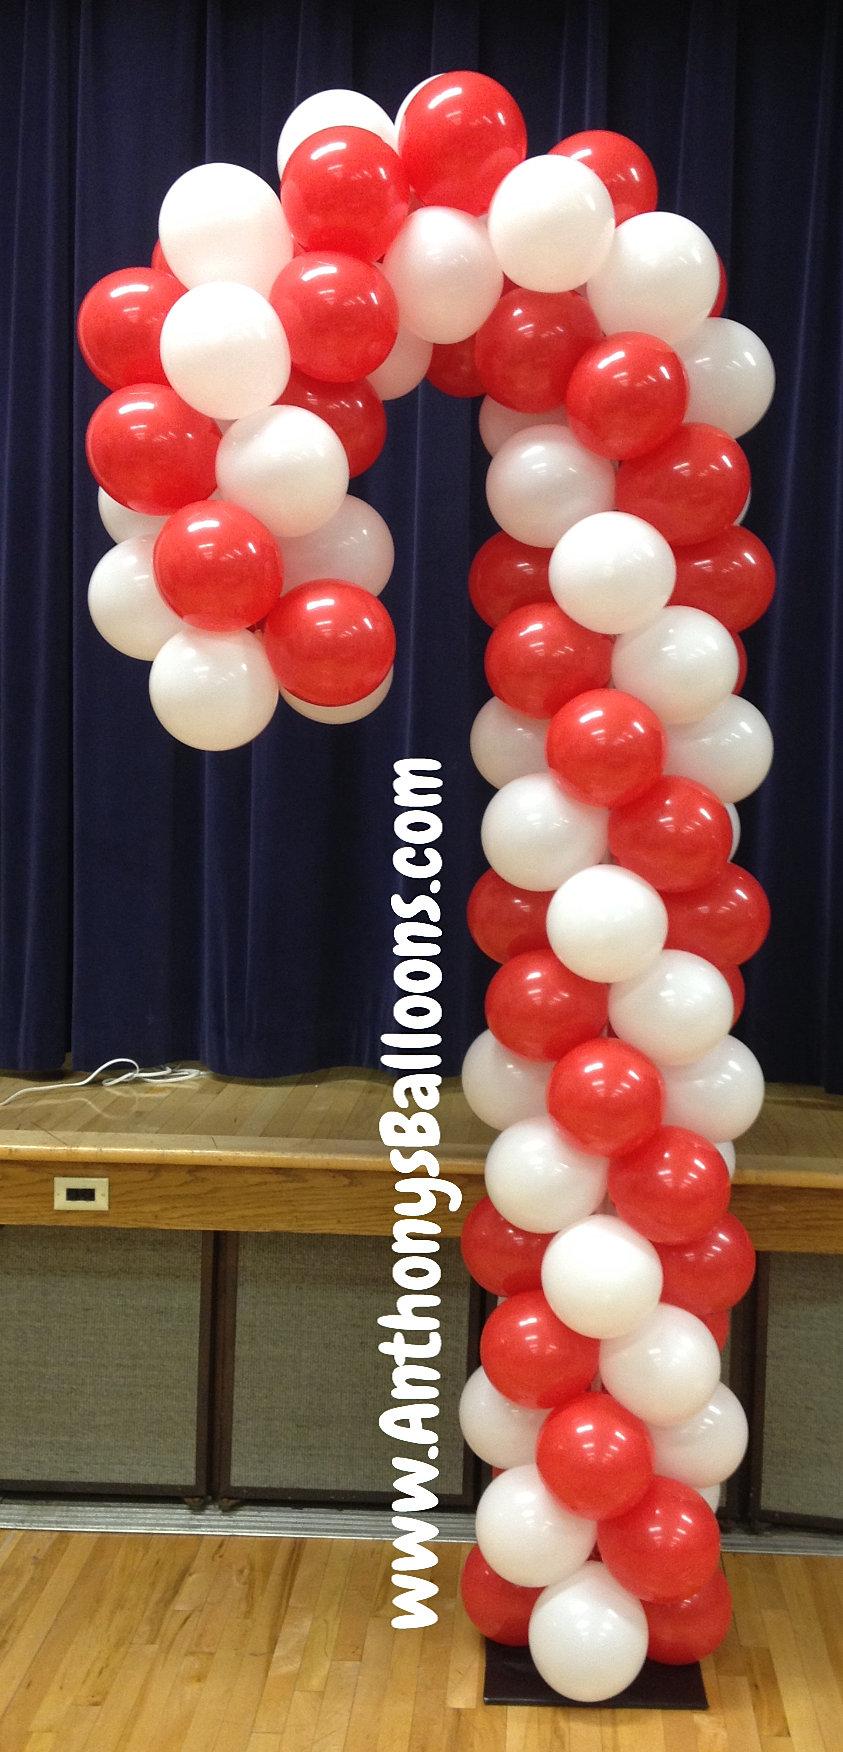 Chicago balloon decor candy cane balloon sculpture for Balloon decoration chicago